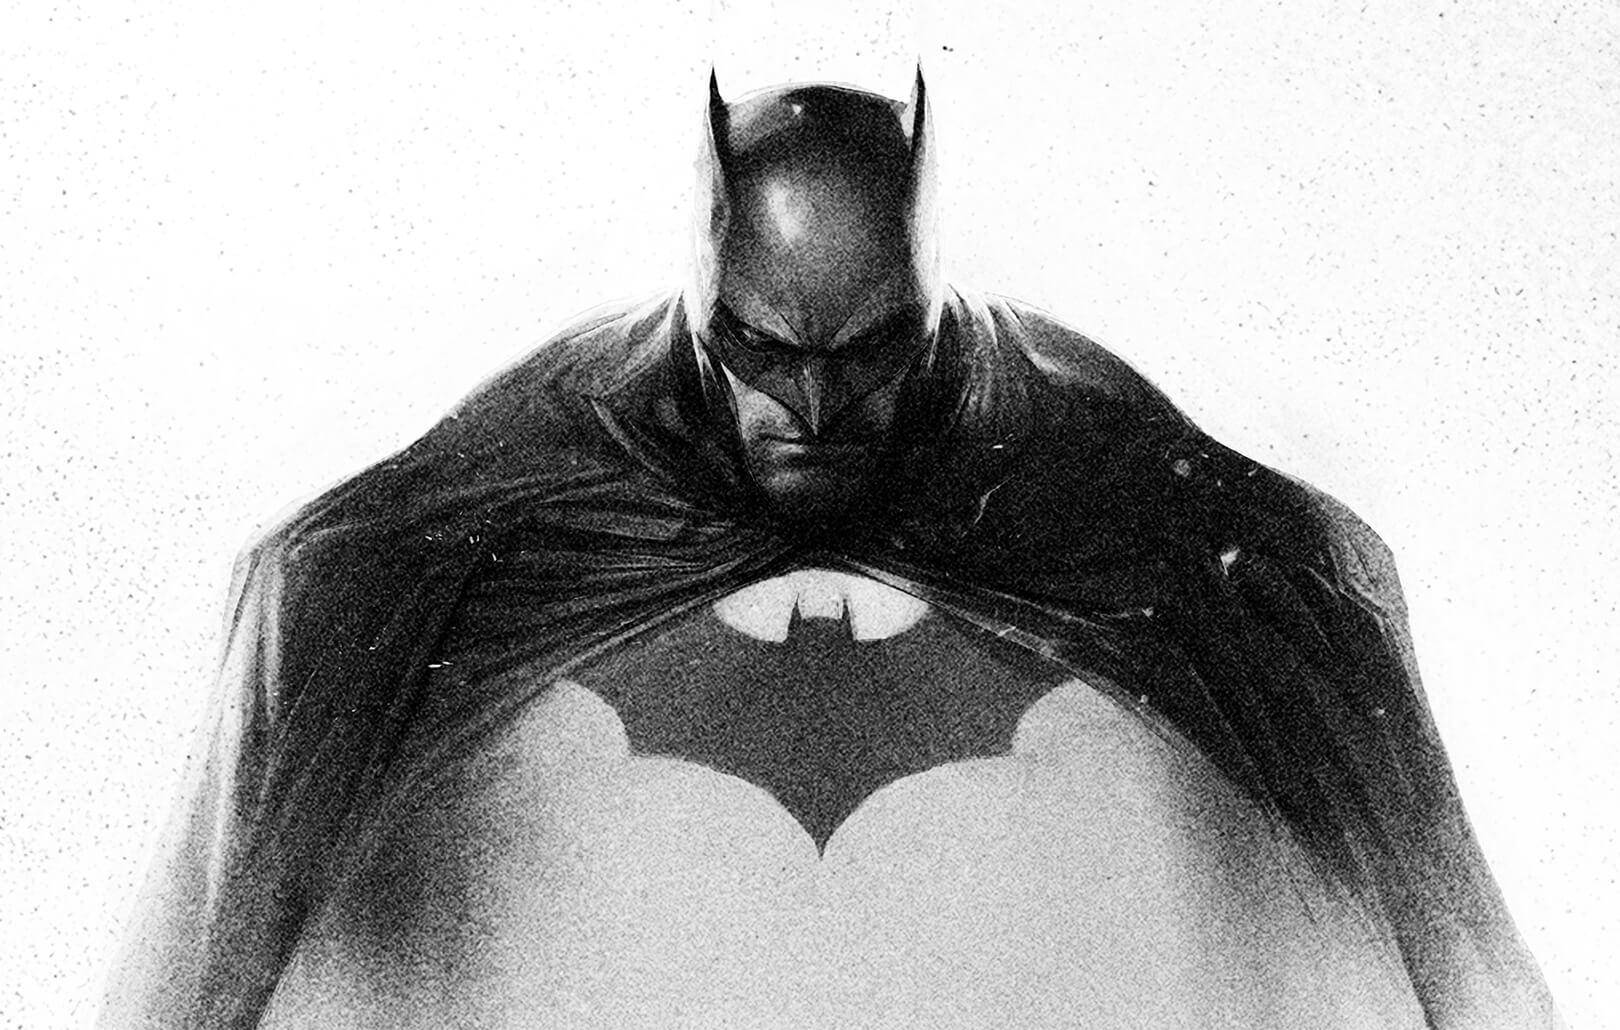 Бэтмен: фильмы и мультфильмы